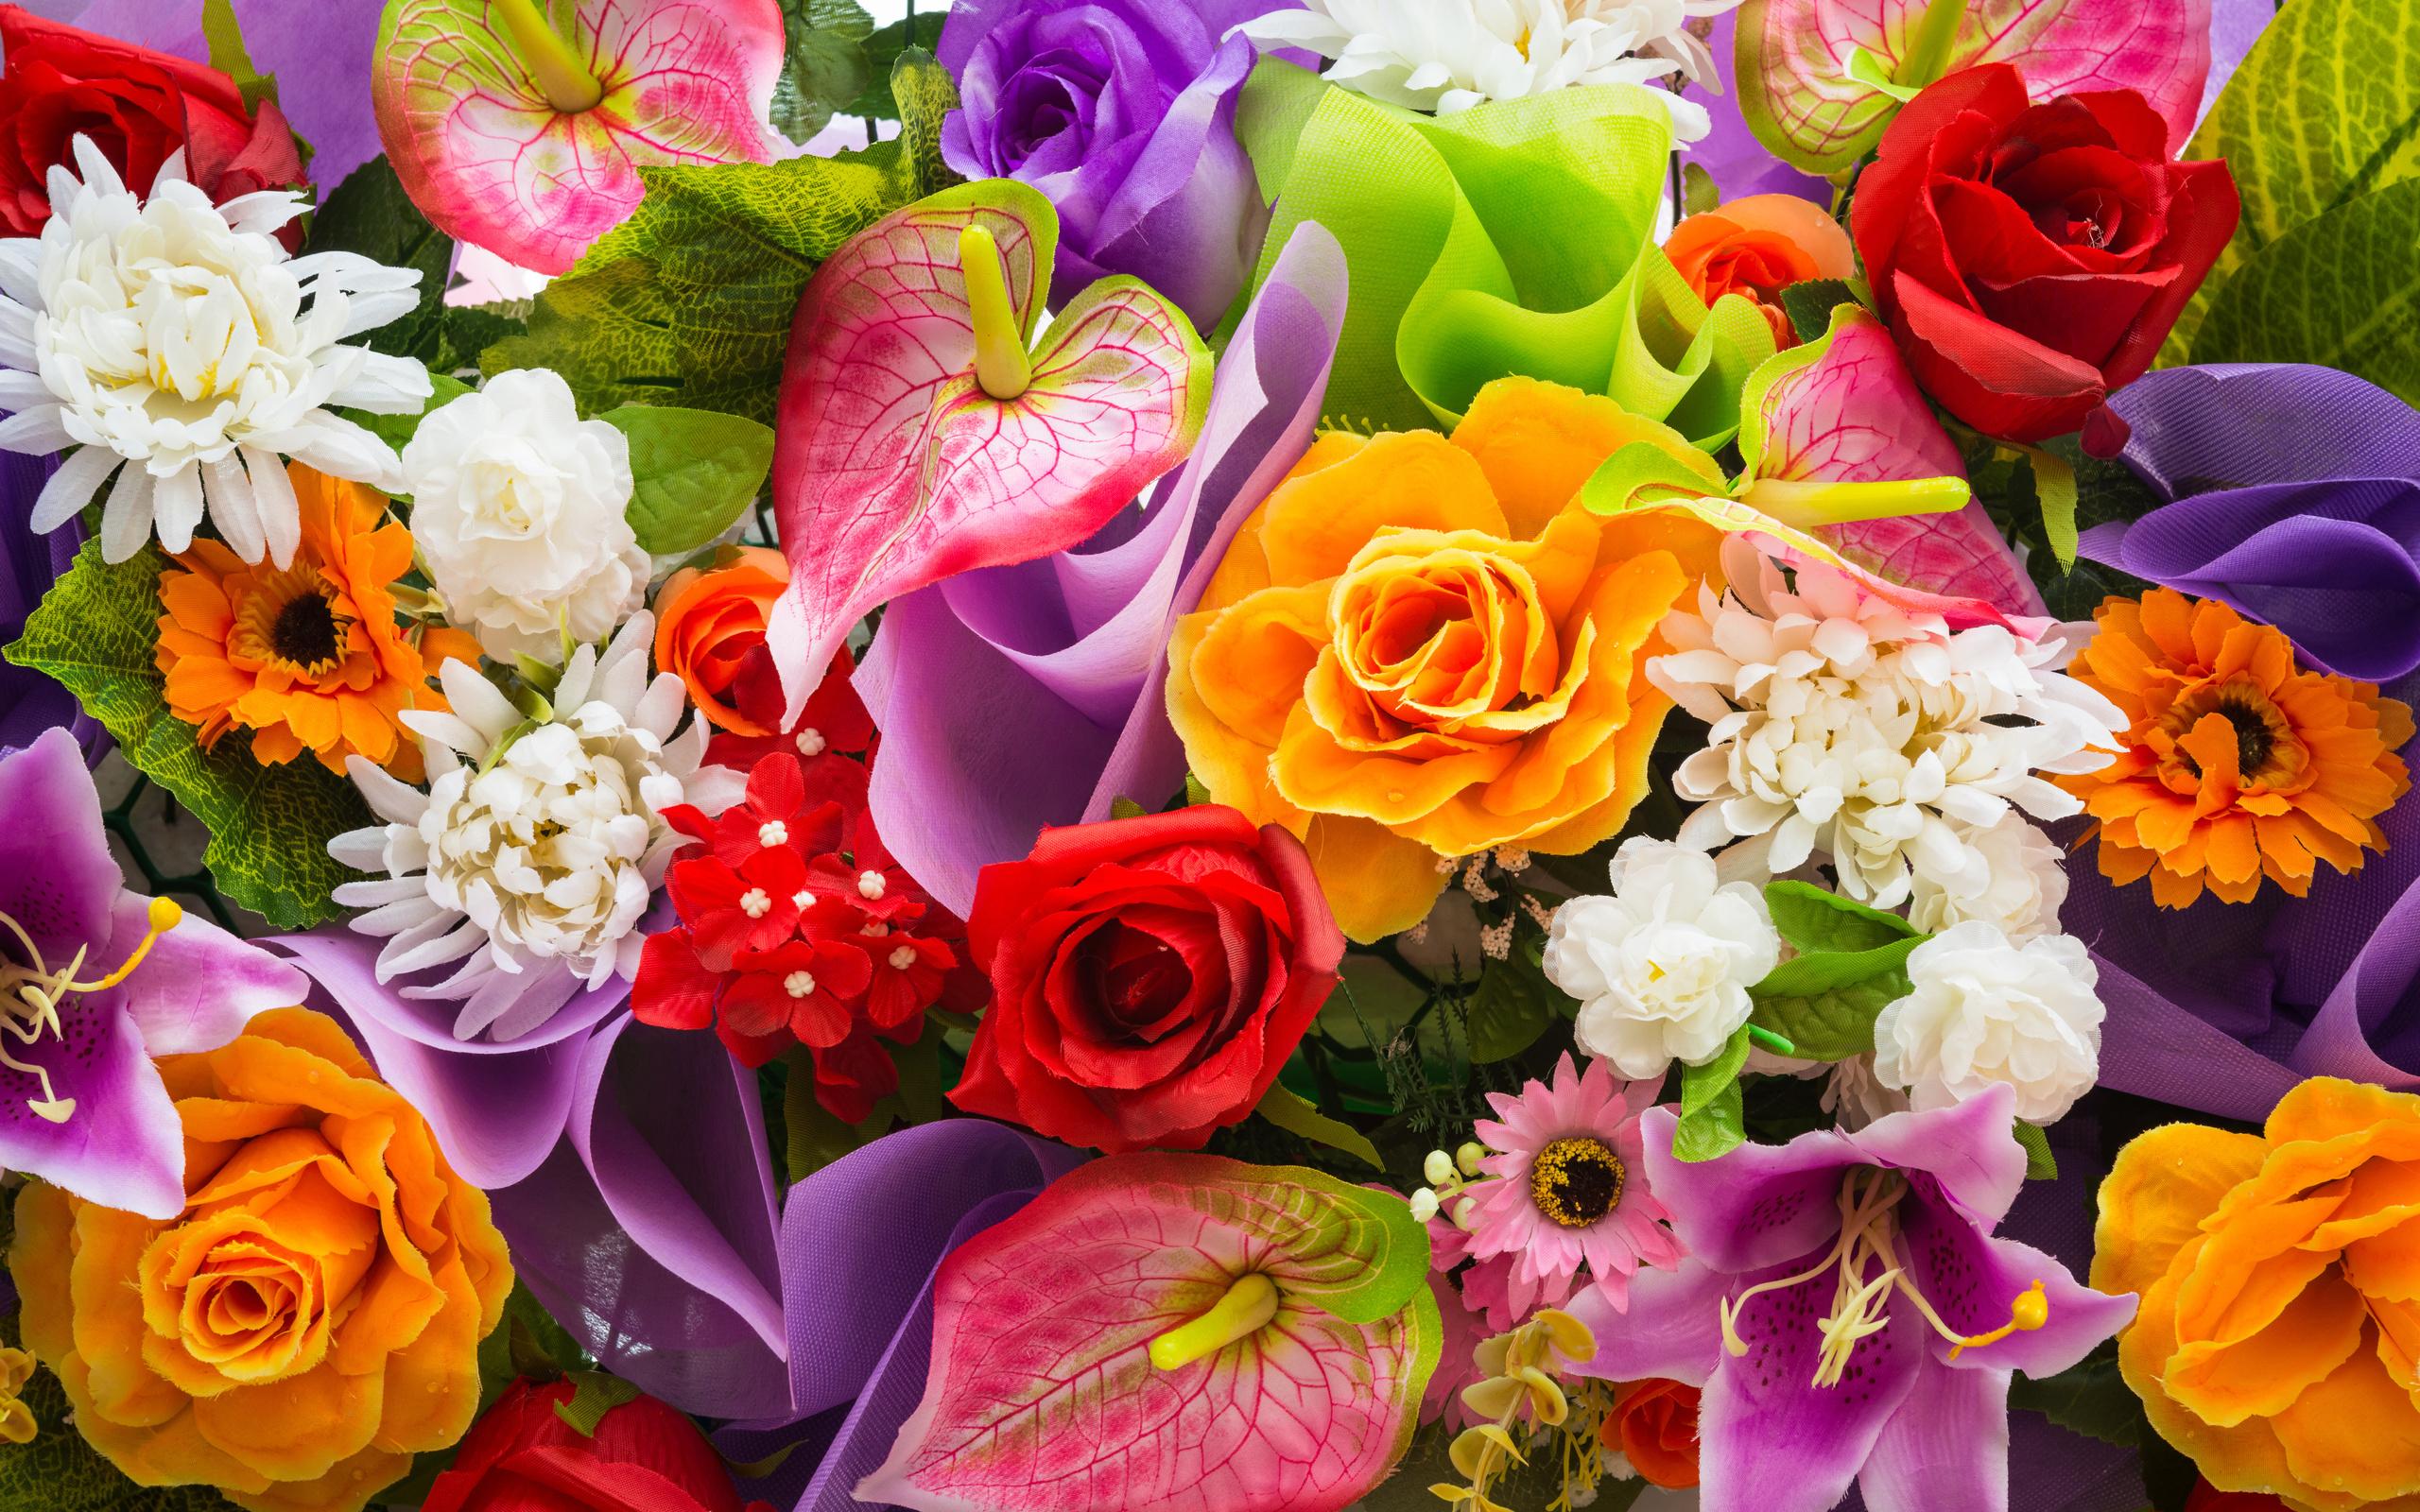 من خلال موقع ثقف نفسك نقدم لكم مجموعة ...: www.thaqafnafsak.com/2014/04/مجموعة-رائعة-من-اجمل...